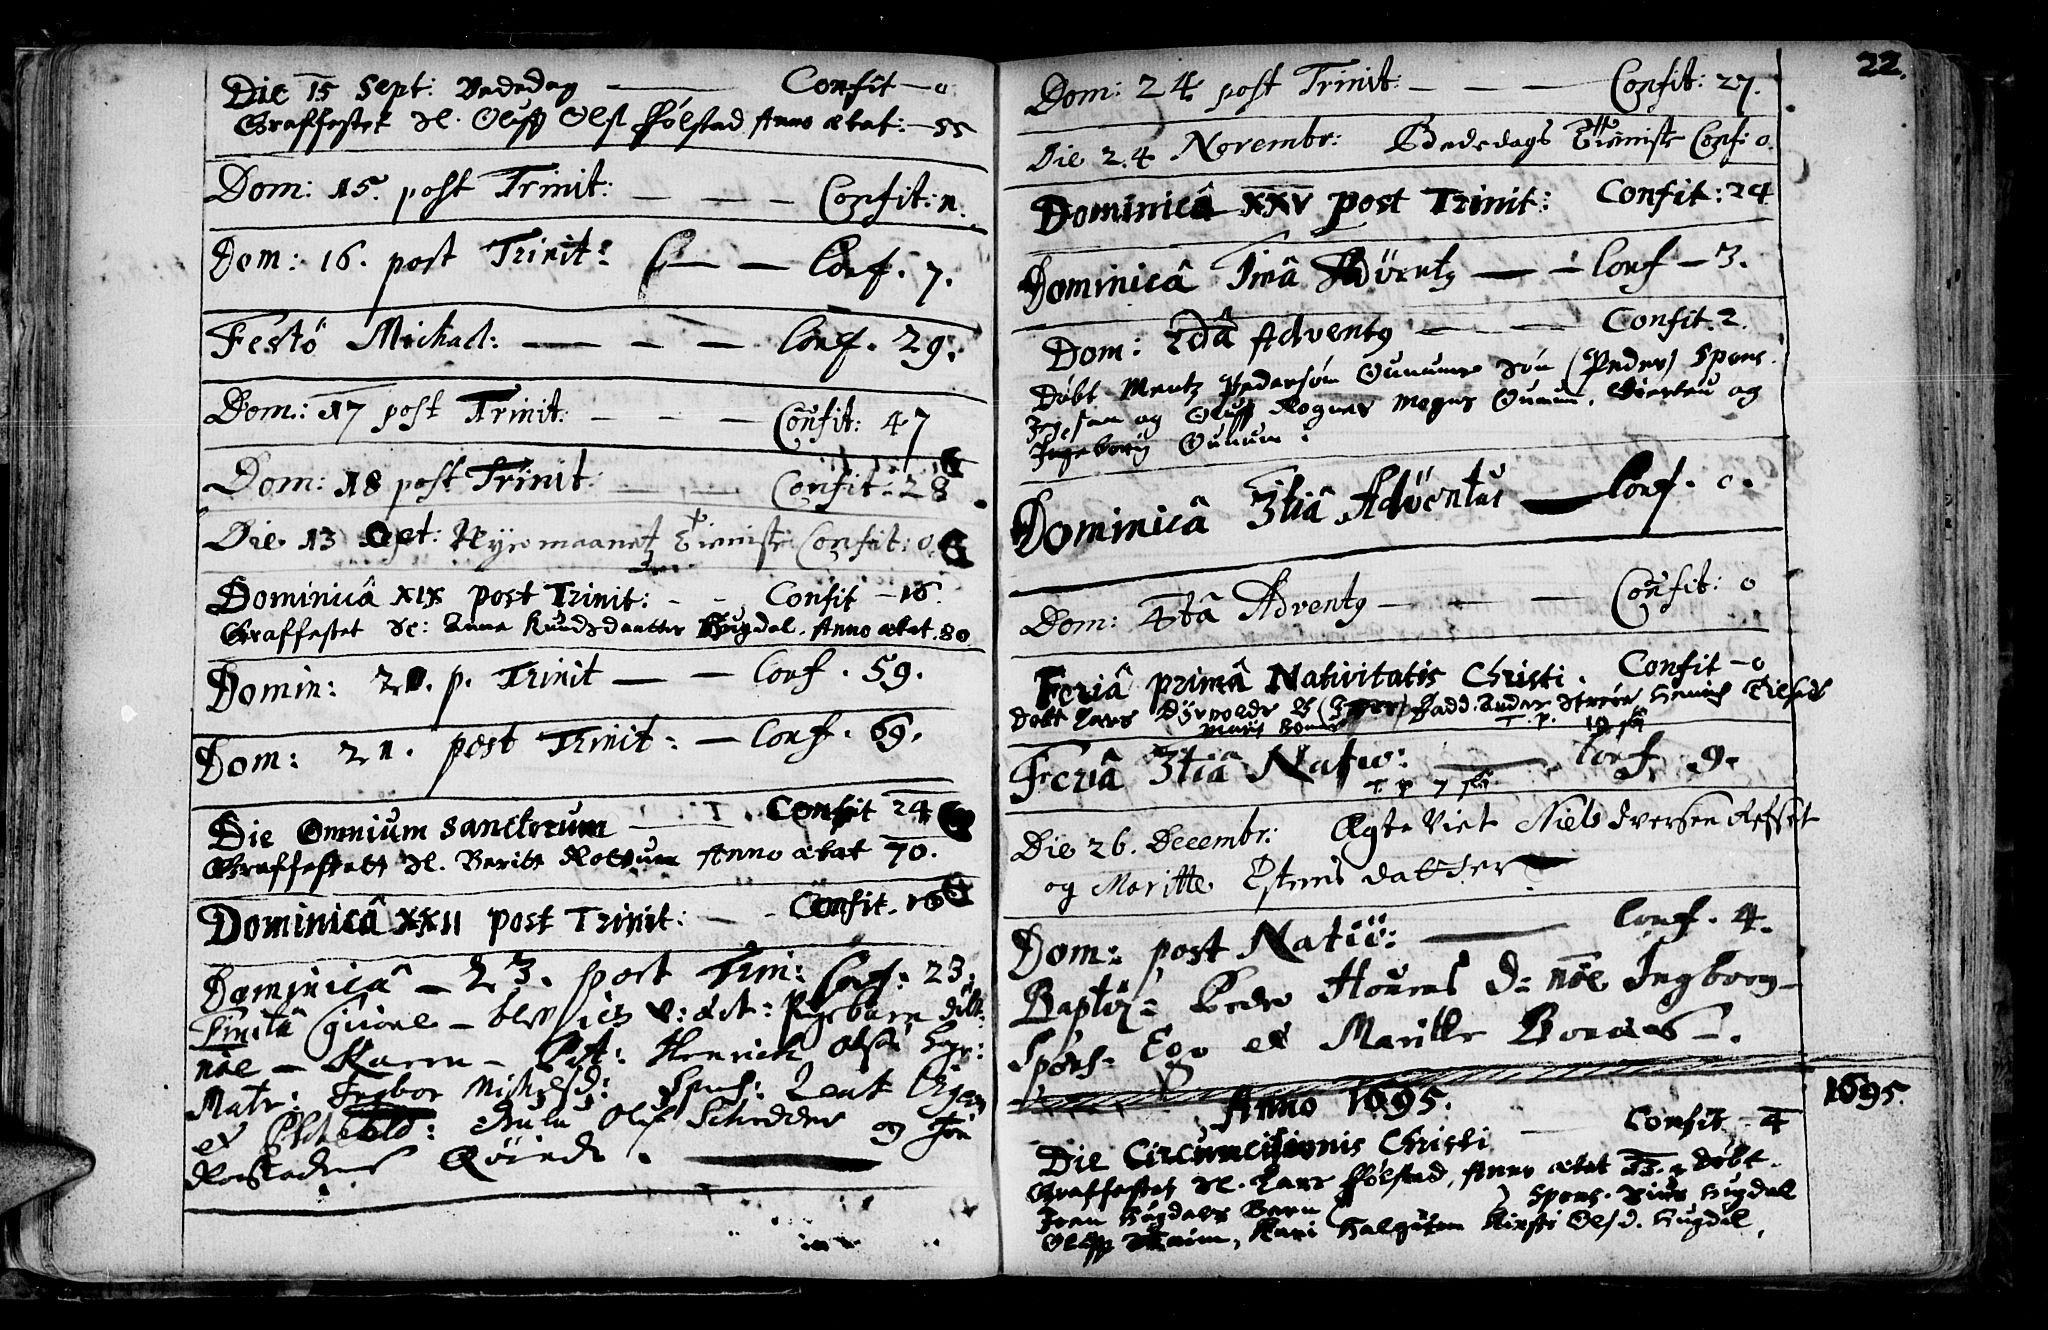 SAT, Ministerialprotokoller, klokkerbøker og fødselsregistre - Sør-Trøndelag, 687/L0990: Ministerialbok nr. 687A01, 1690-1746, s. 22a